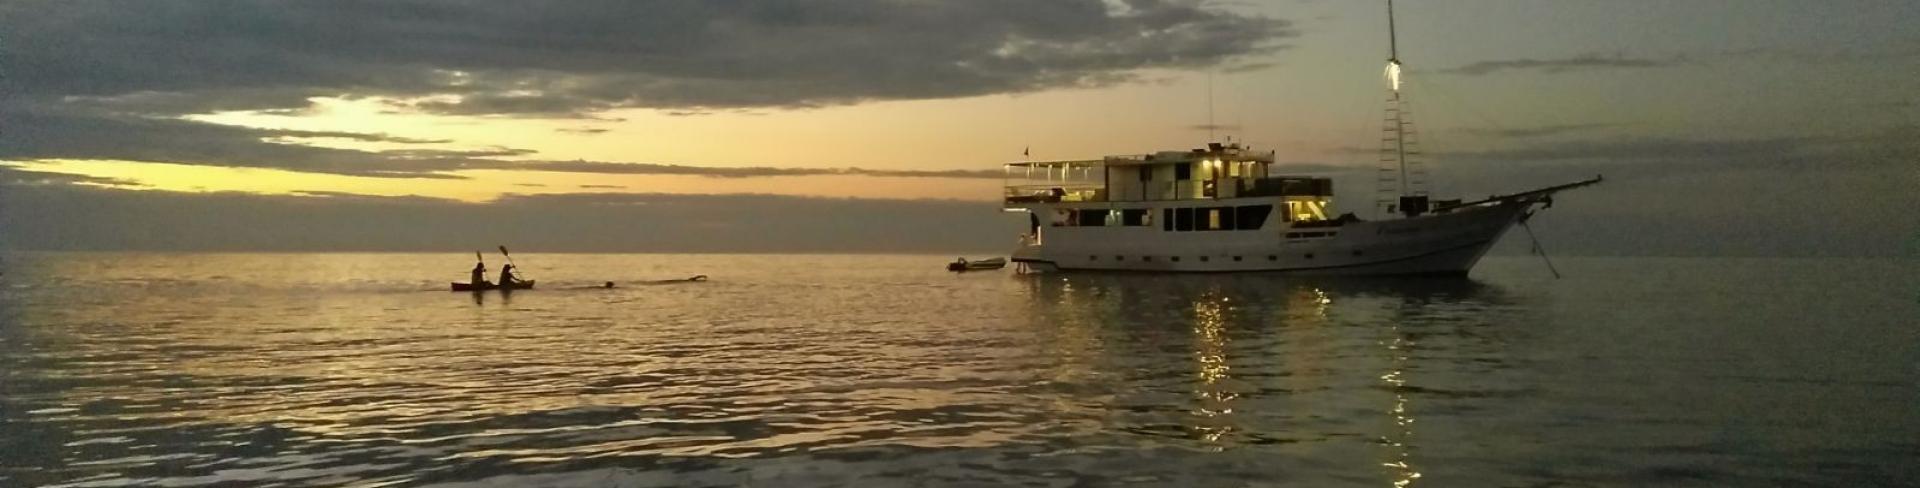 Banda Sea